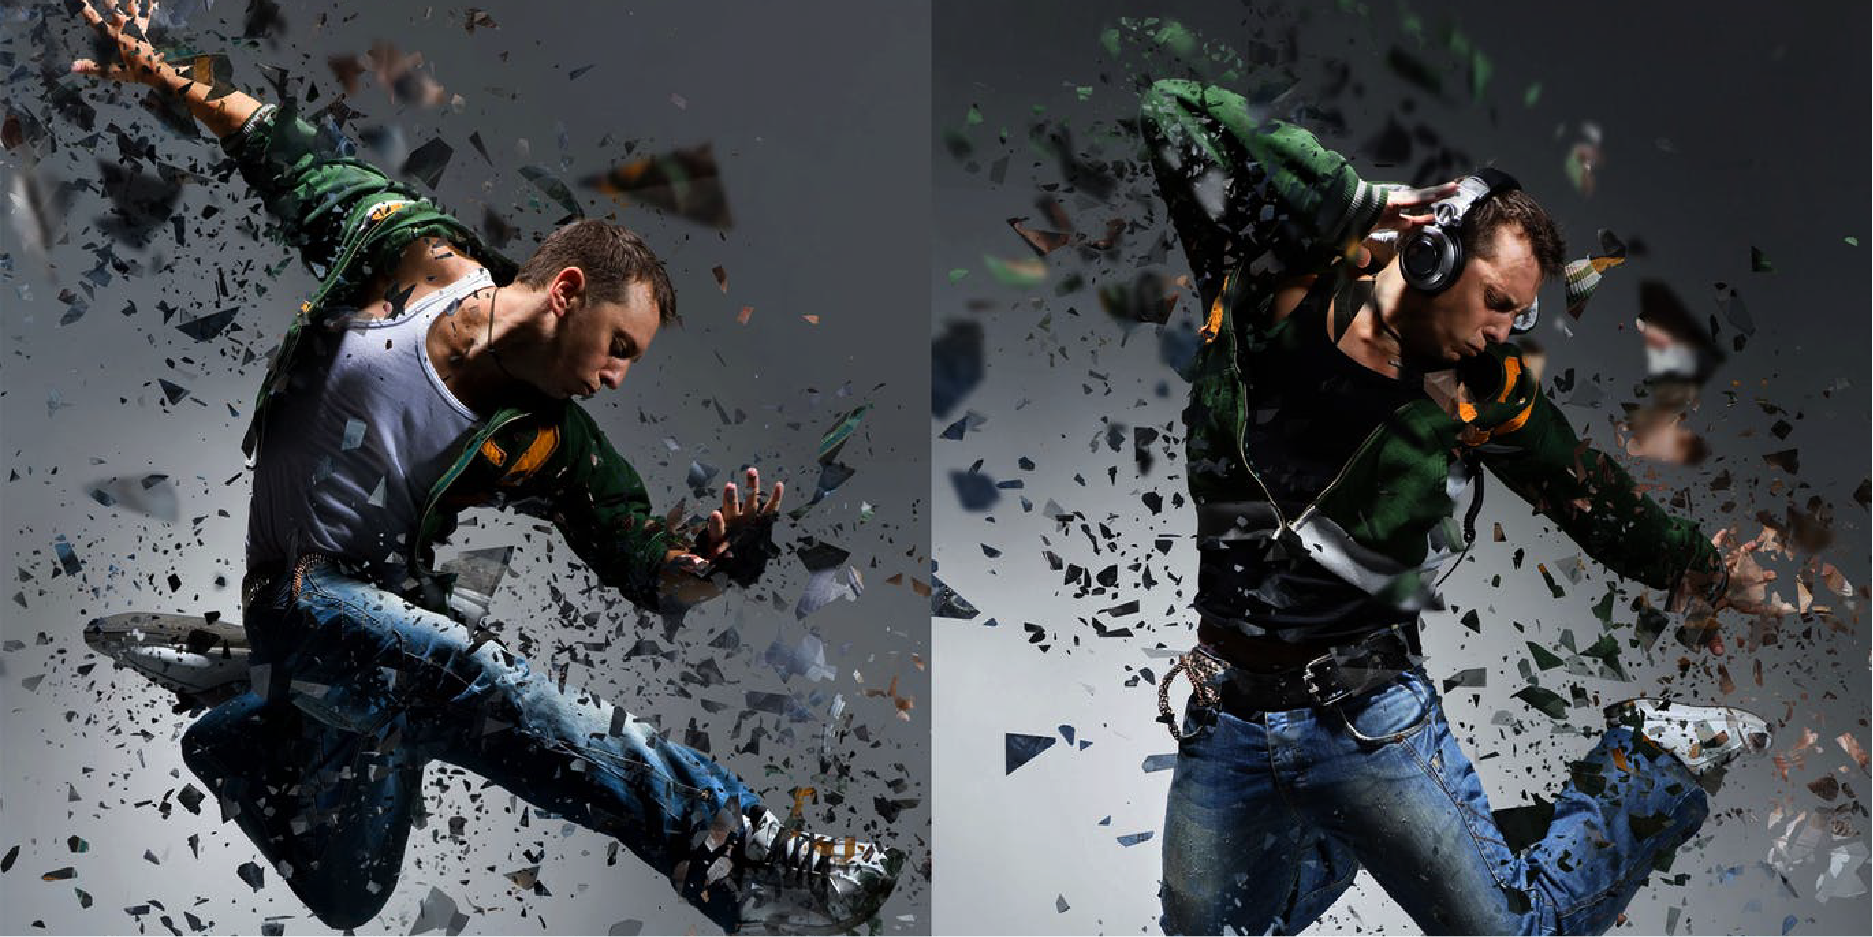 Crea efectos de dispersión con este Photoshop Action